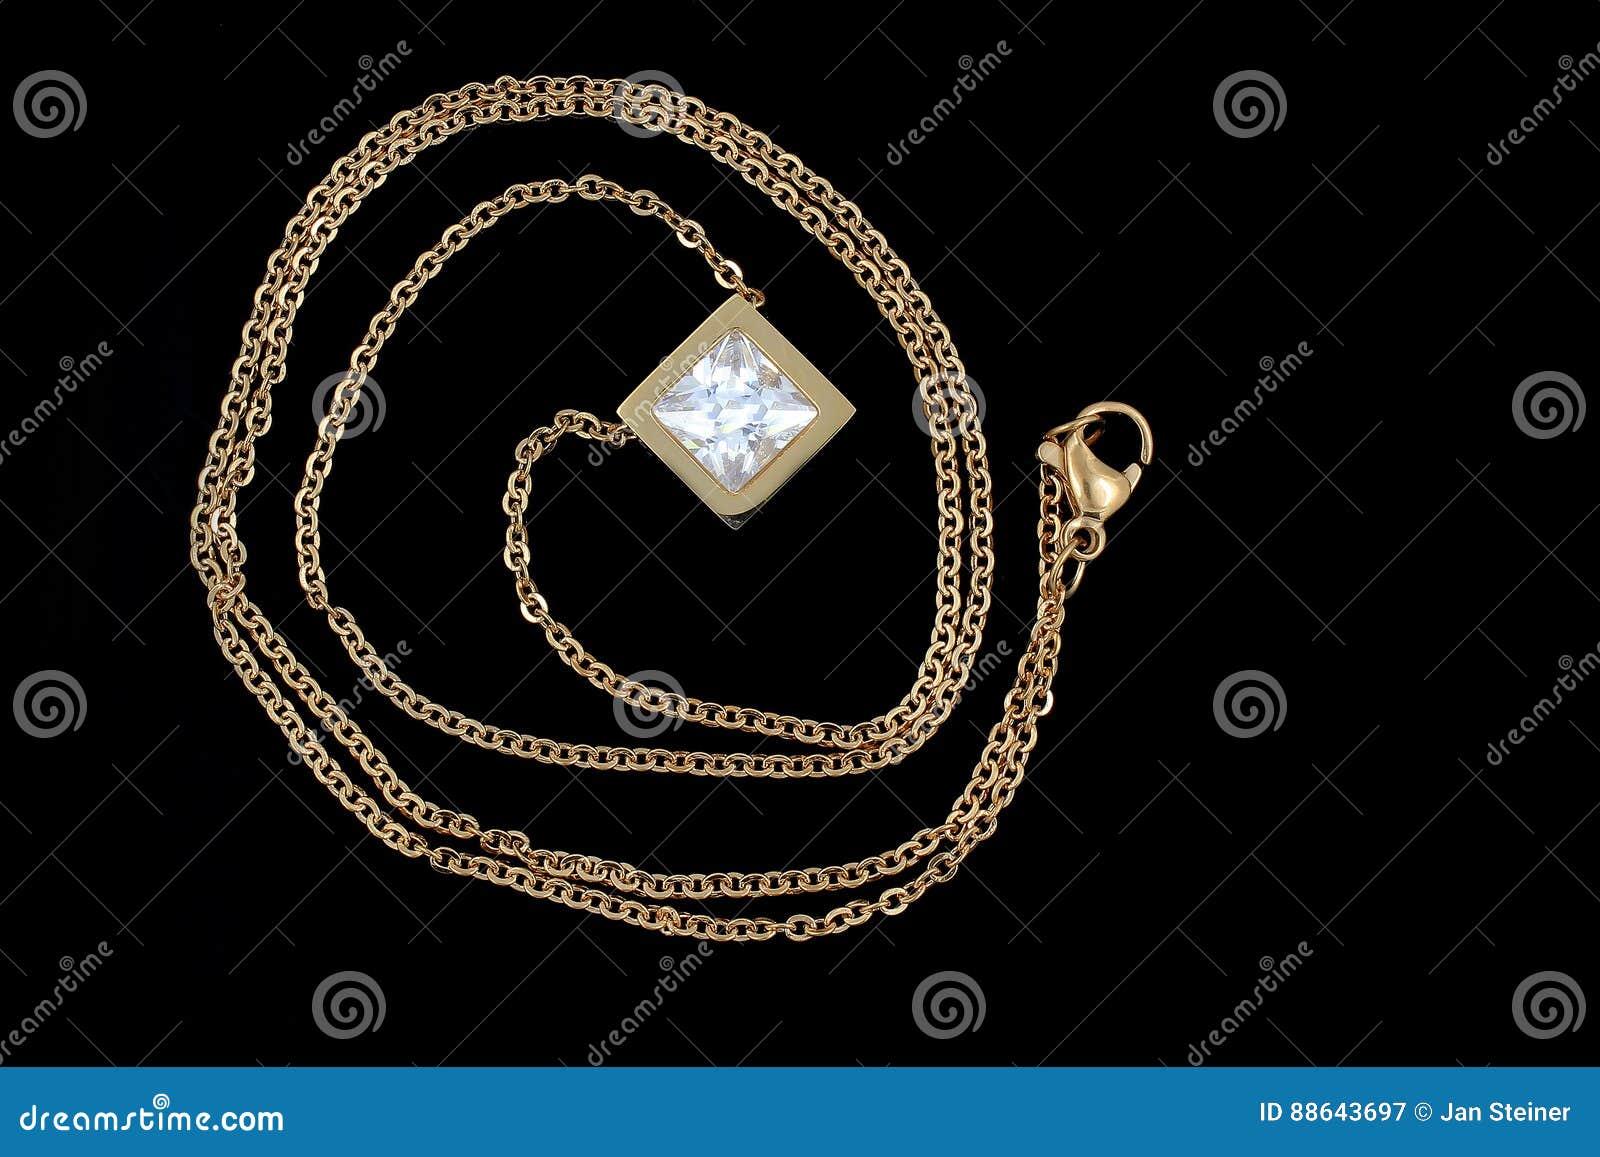 Juwel - Luxushalskette für Frauen